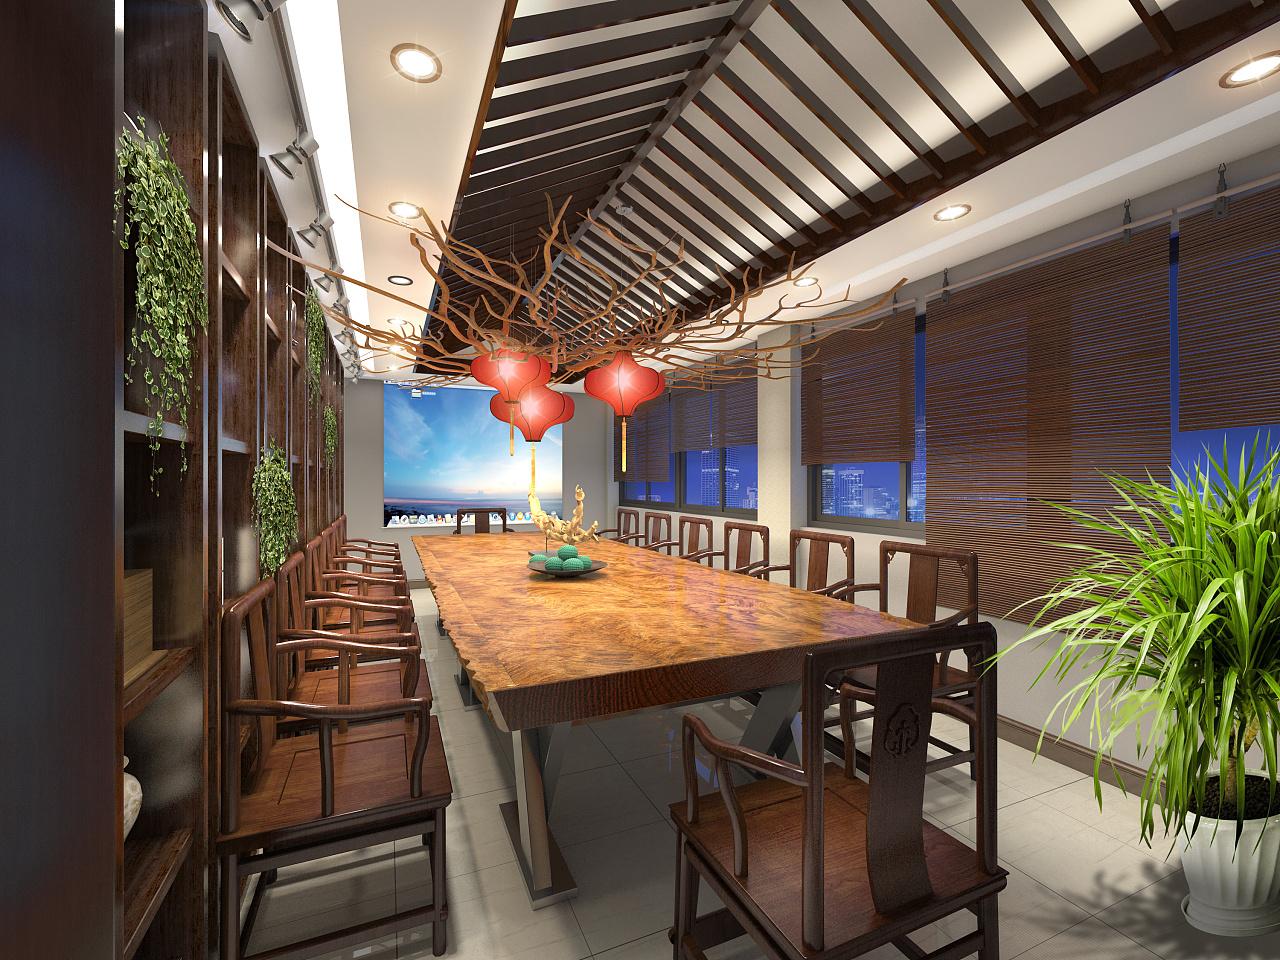 湖南浩安公装公司装修设计资讯知识办公空间设计色彩的色相属性